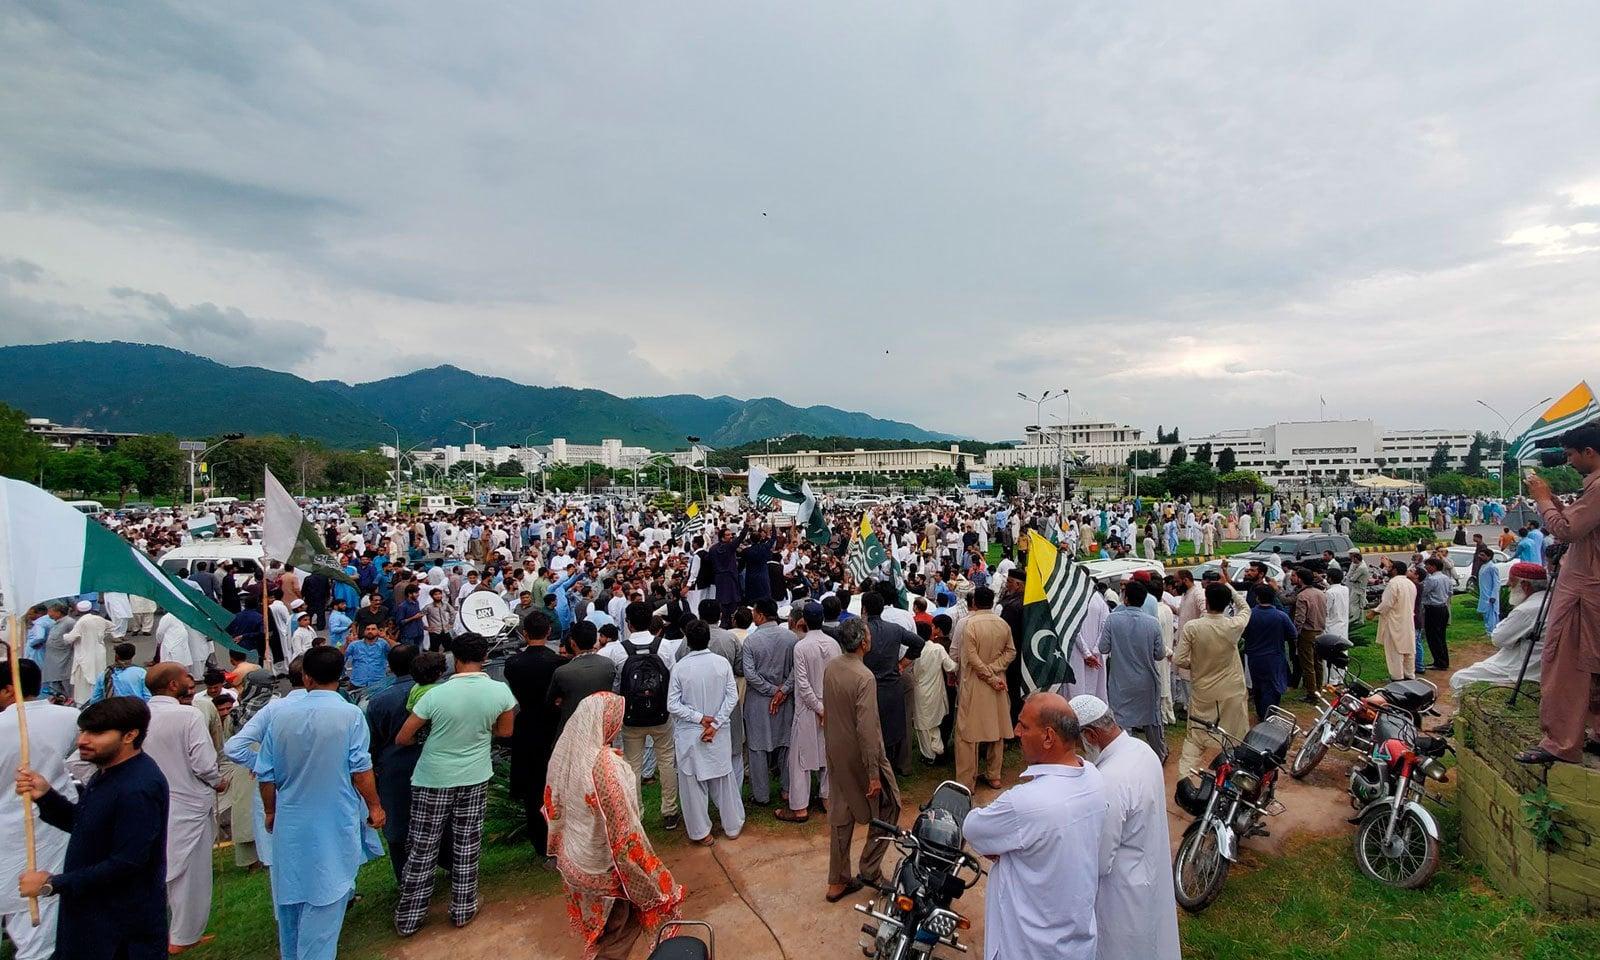 پاکستان اور آزاد جموں و کشمیر کا قومی ترانہ بھی بجایا گیا—  فوٹو: پی ٹی آئی ٹوئٹر